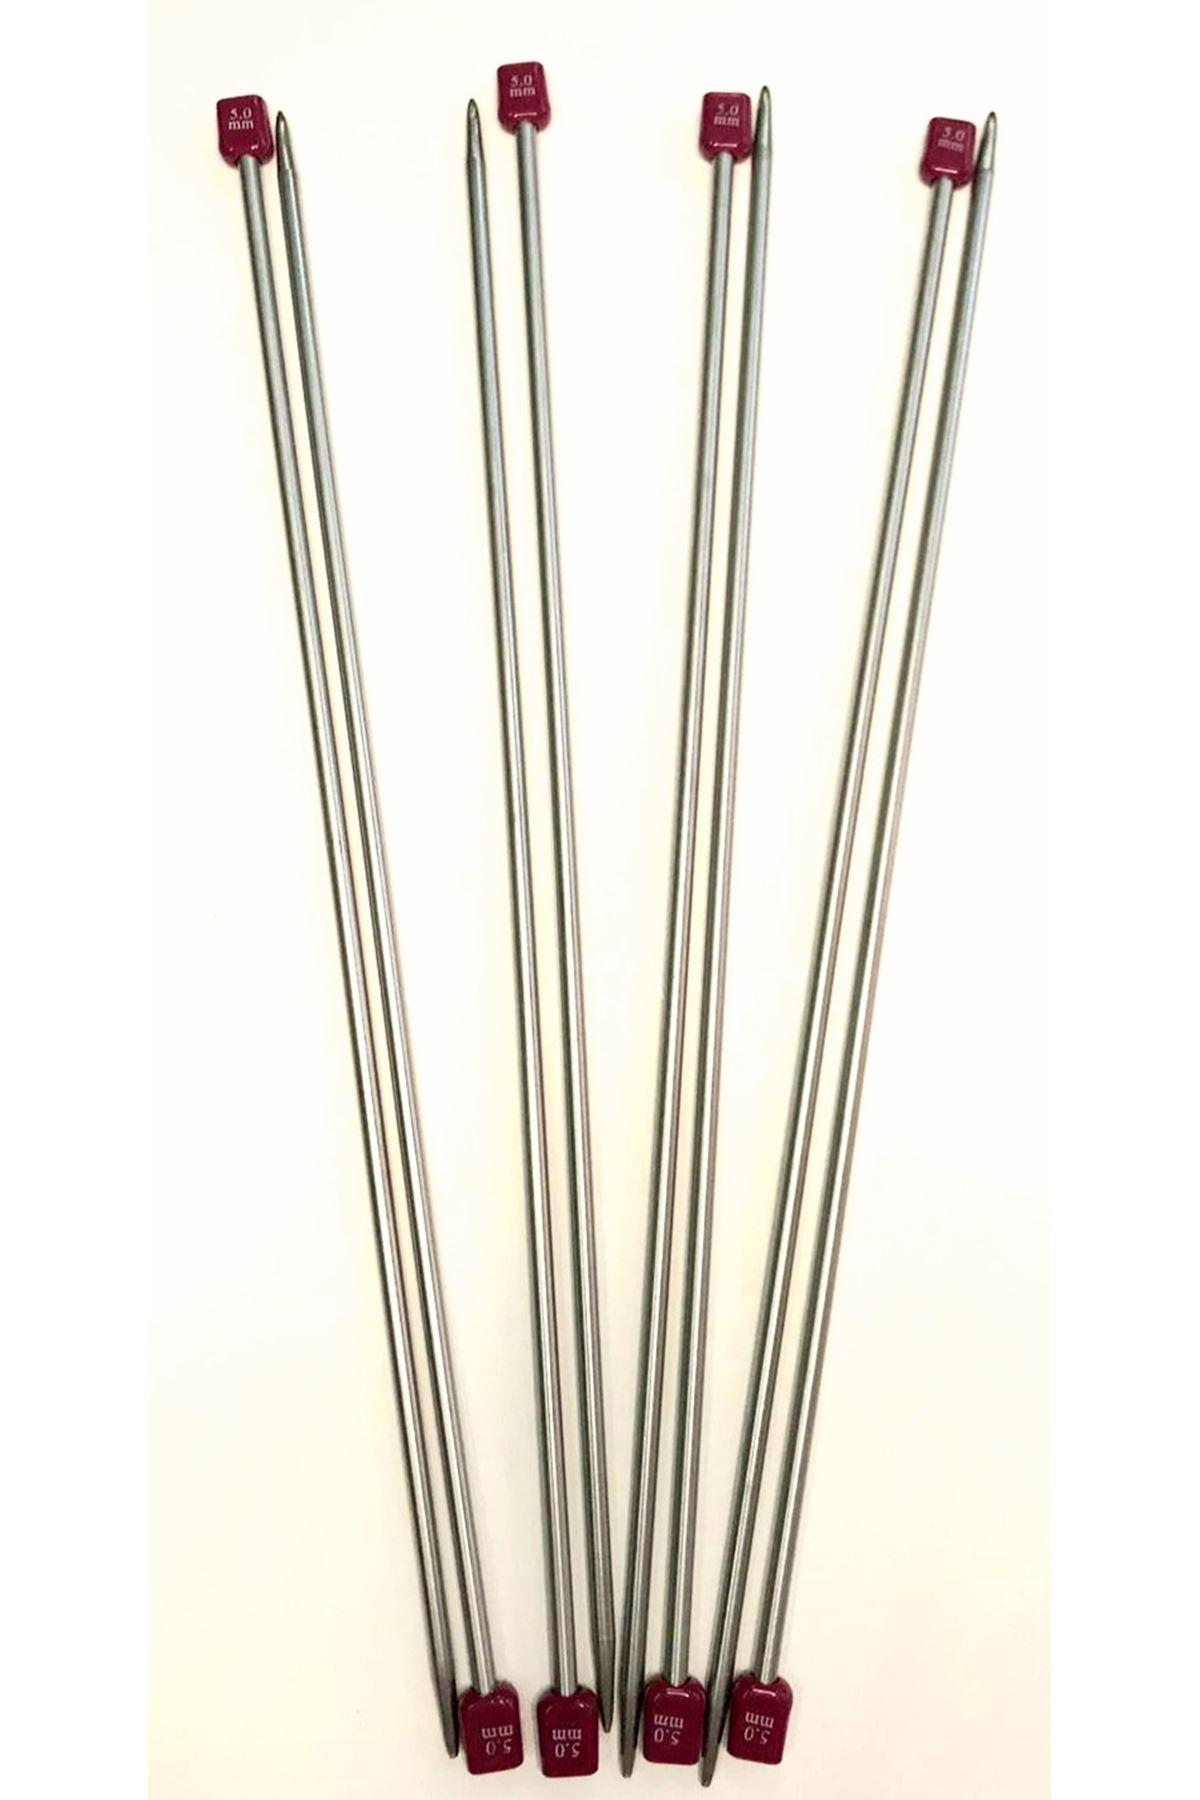 Titanyum/Çelik Şiş 3,0 mm